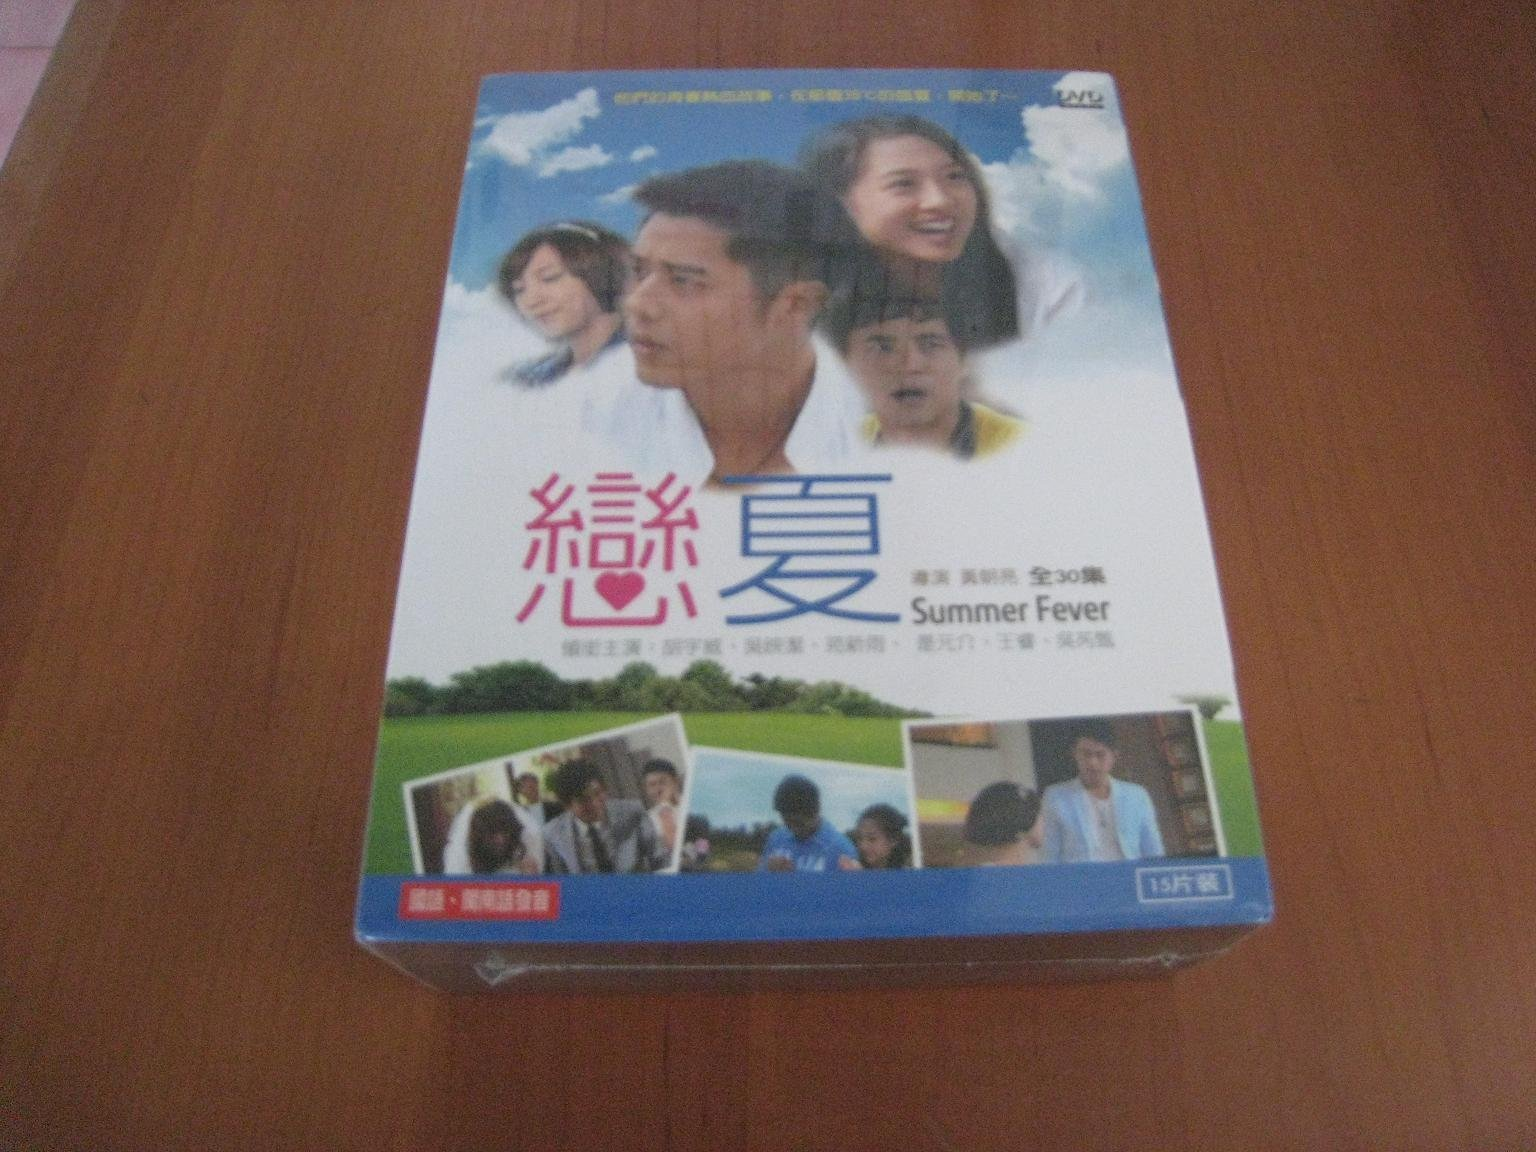 台灣偶像劇《戀夏》DVD (戀夏38℃) 胡宇威 吳映潔(鬼鬼) 是元介 苑新雨